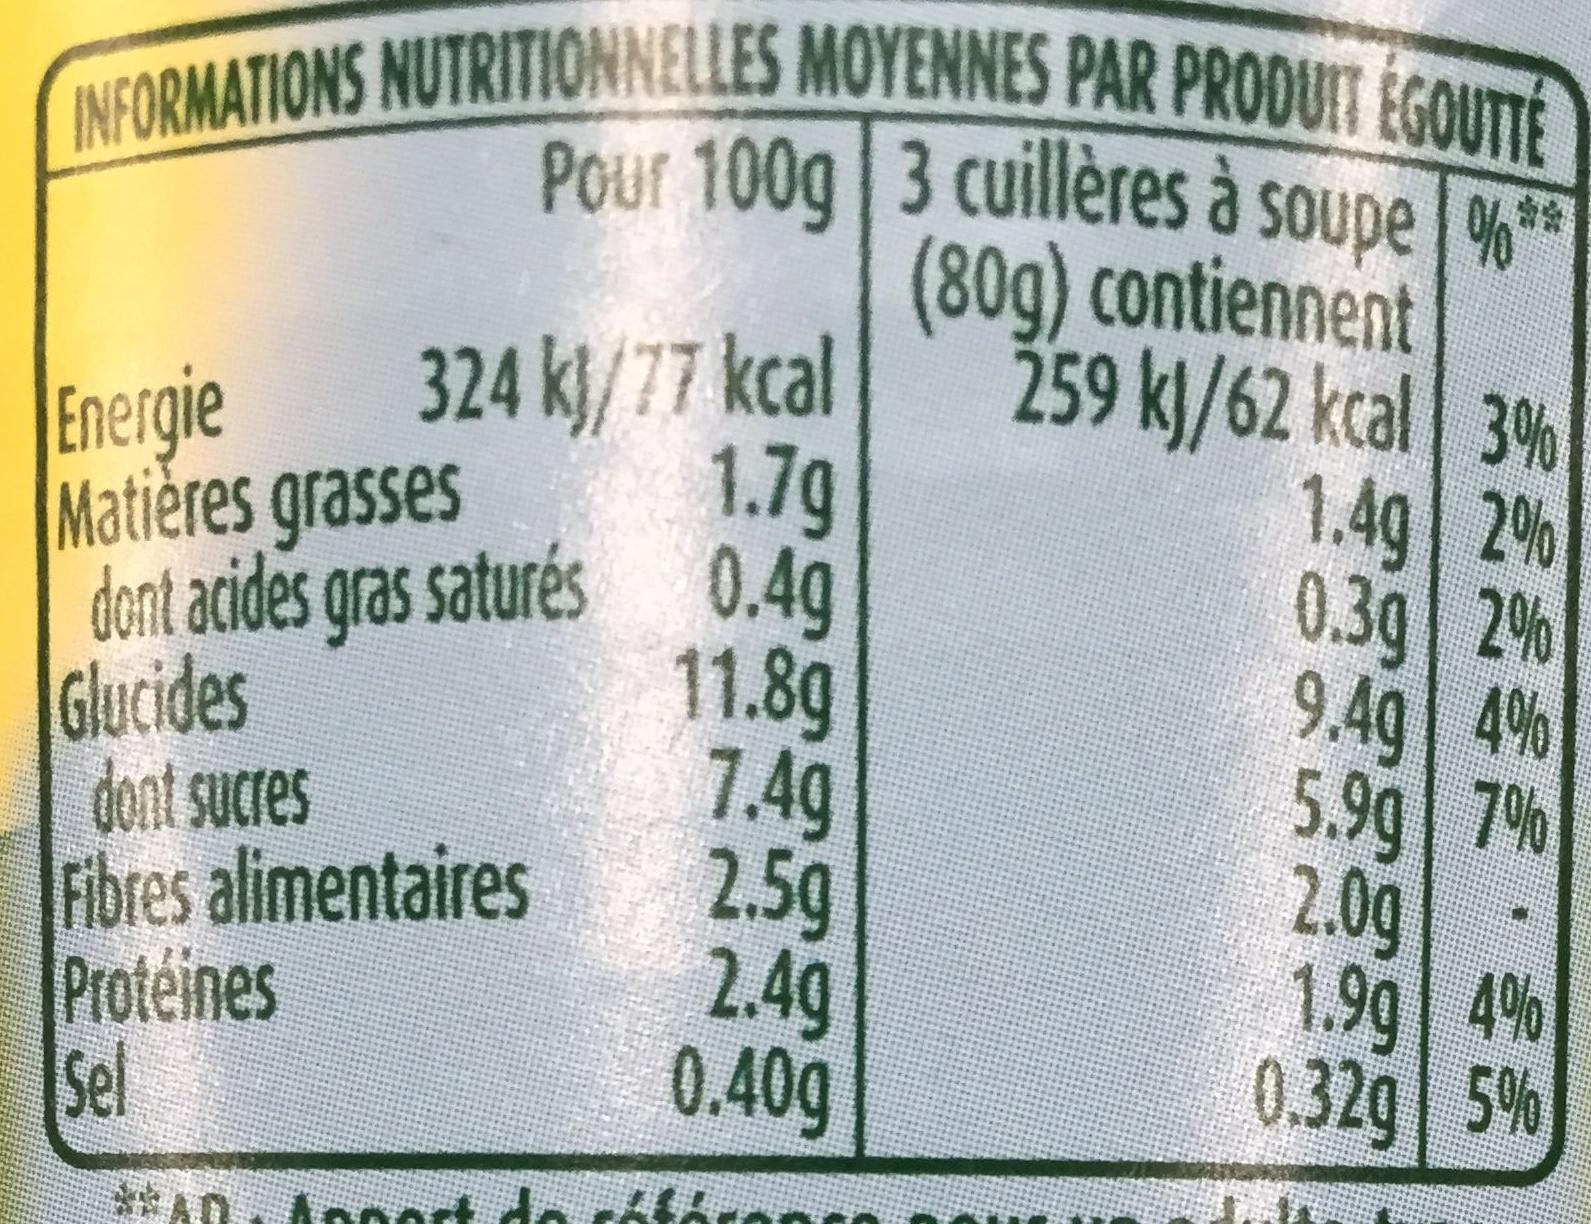 Maïs doux en grains extra croquants - Nutrition facts